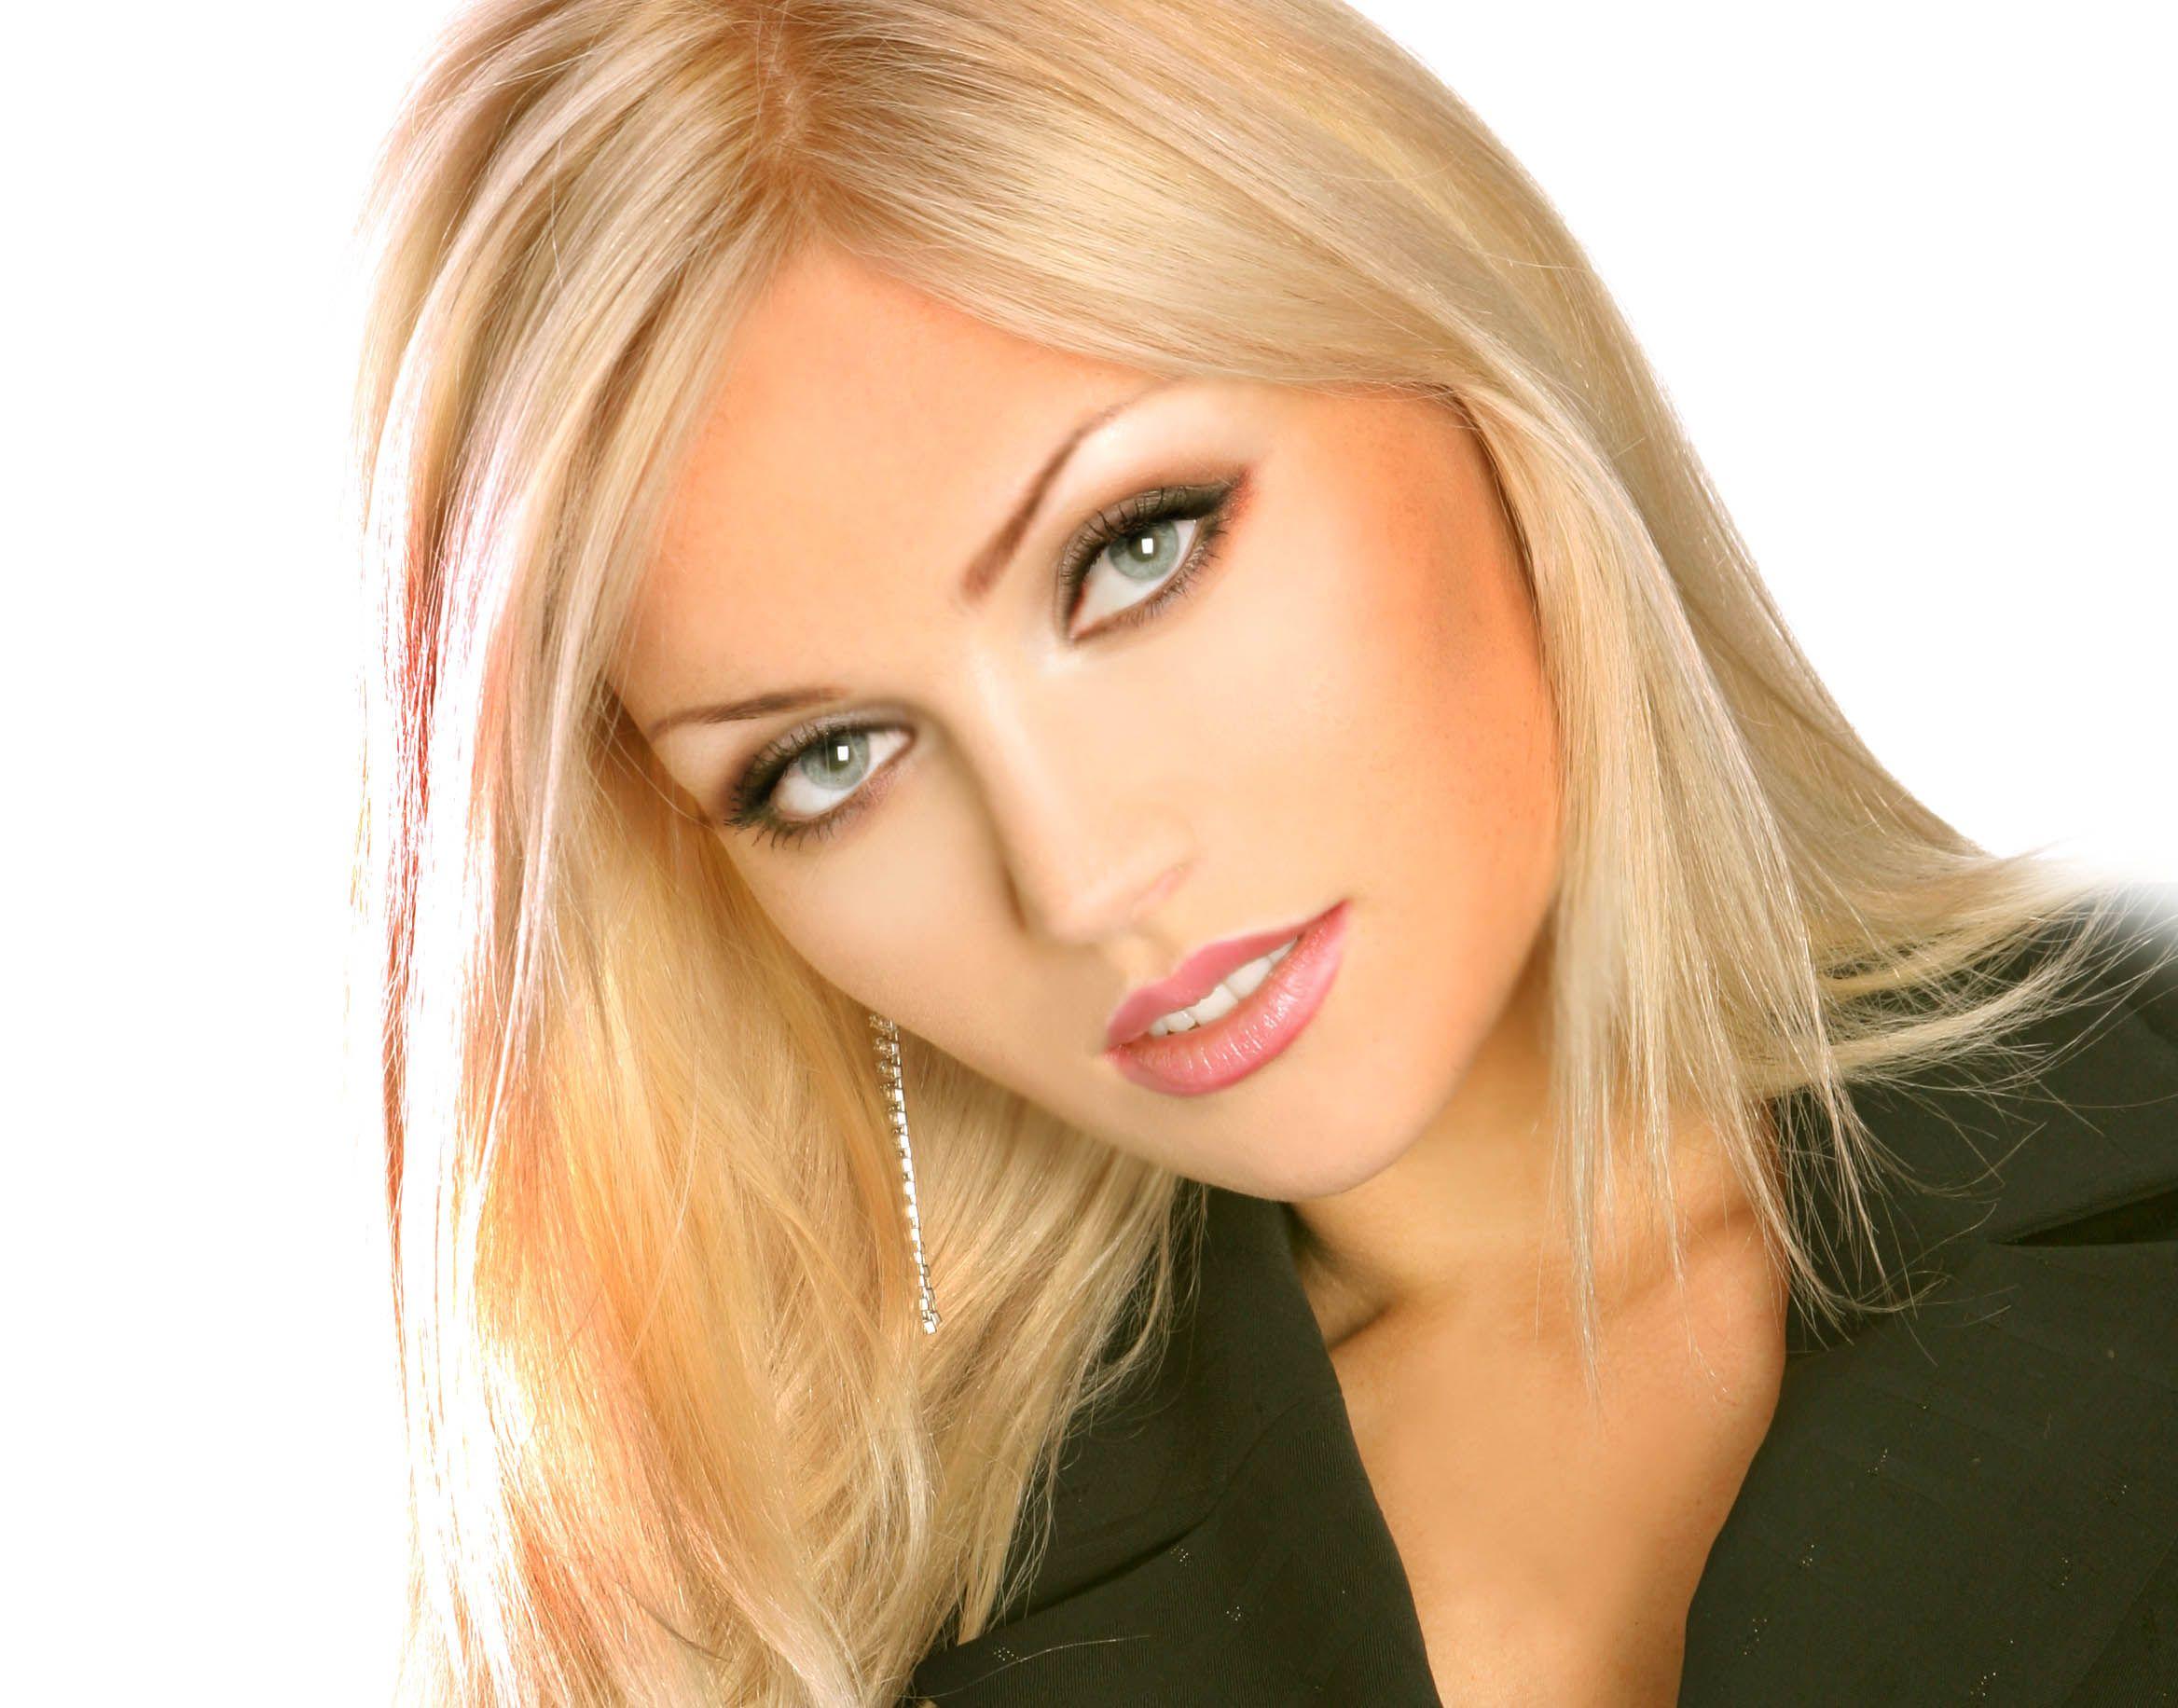 Самые красивые фото девушек из белоруссии